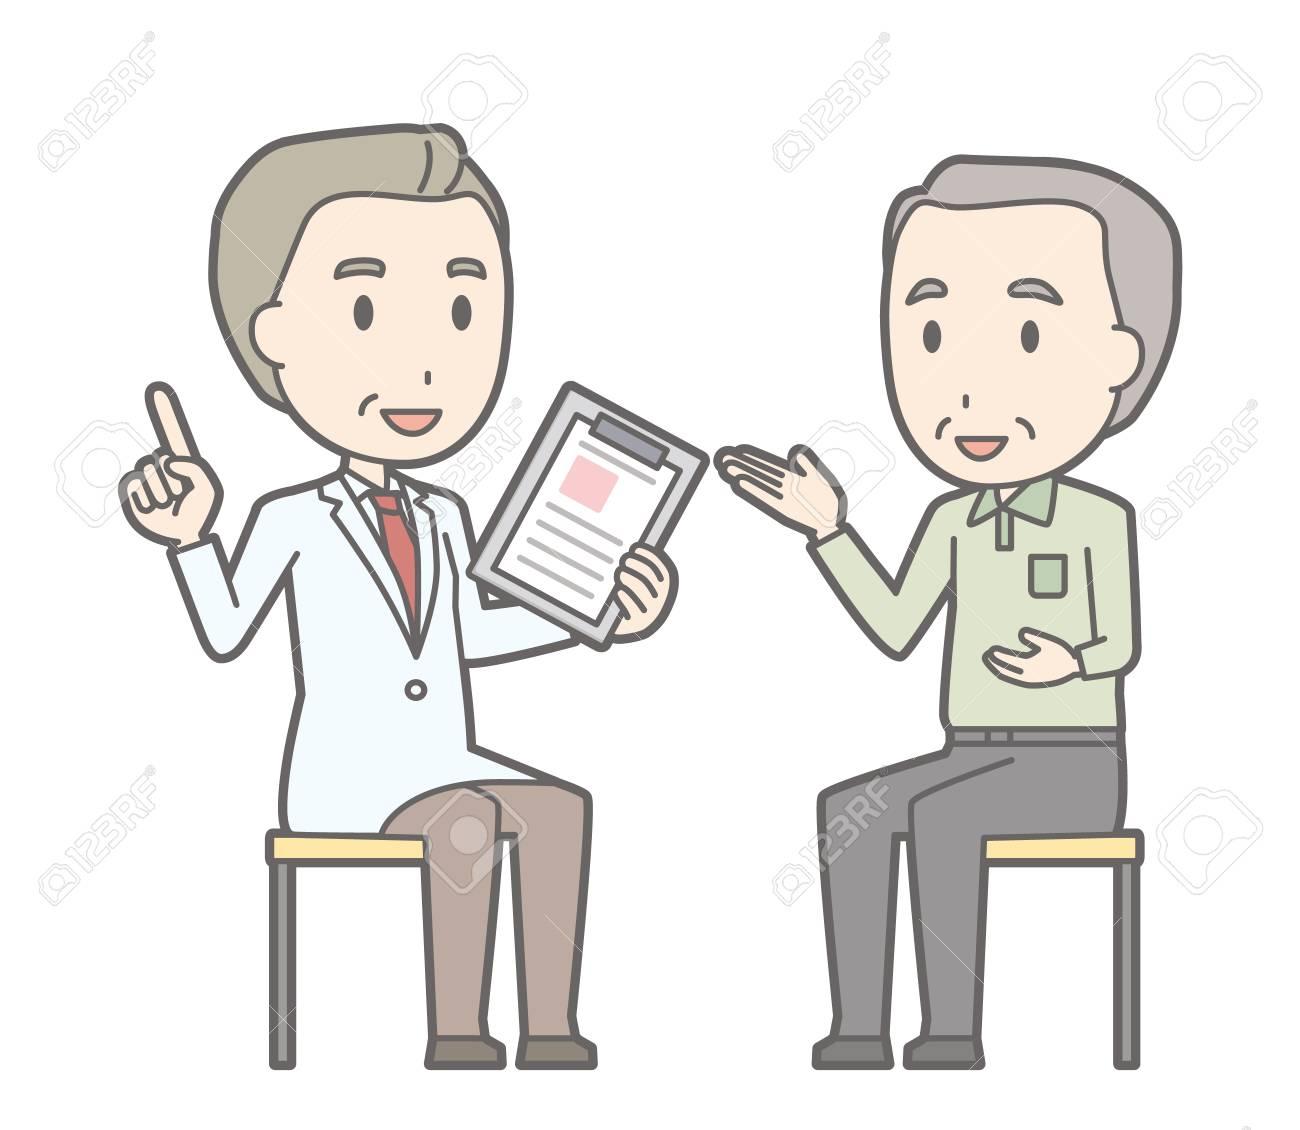 老人相談医師イラスト ロイヤリティフリークリップアート、ベクター